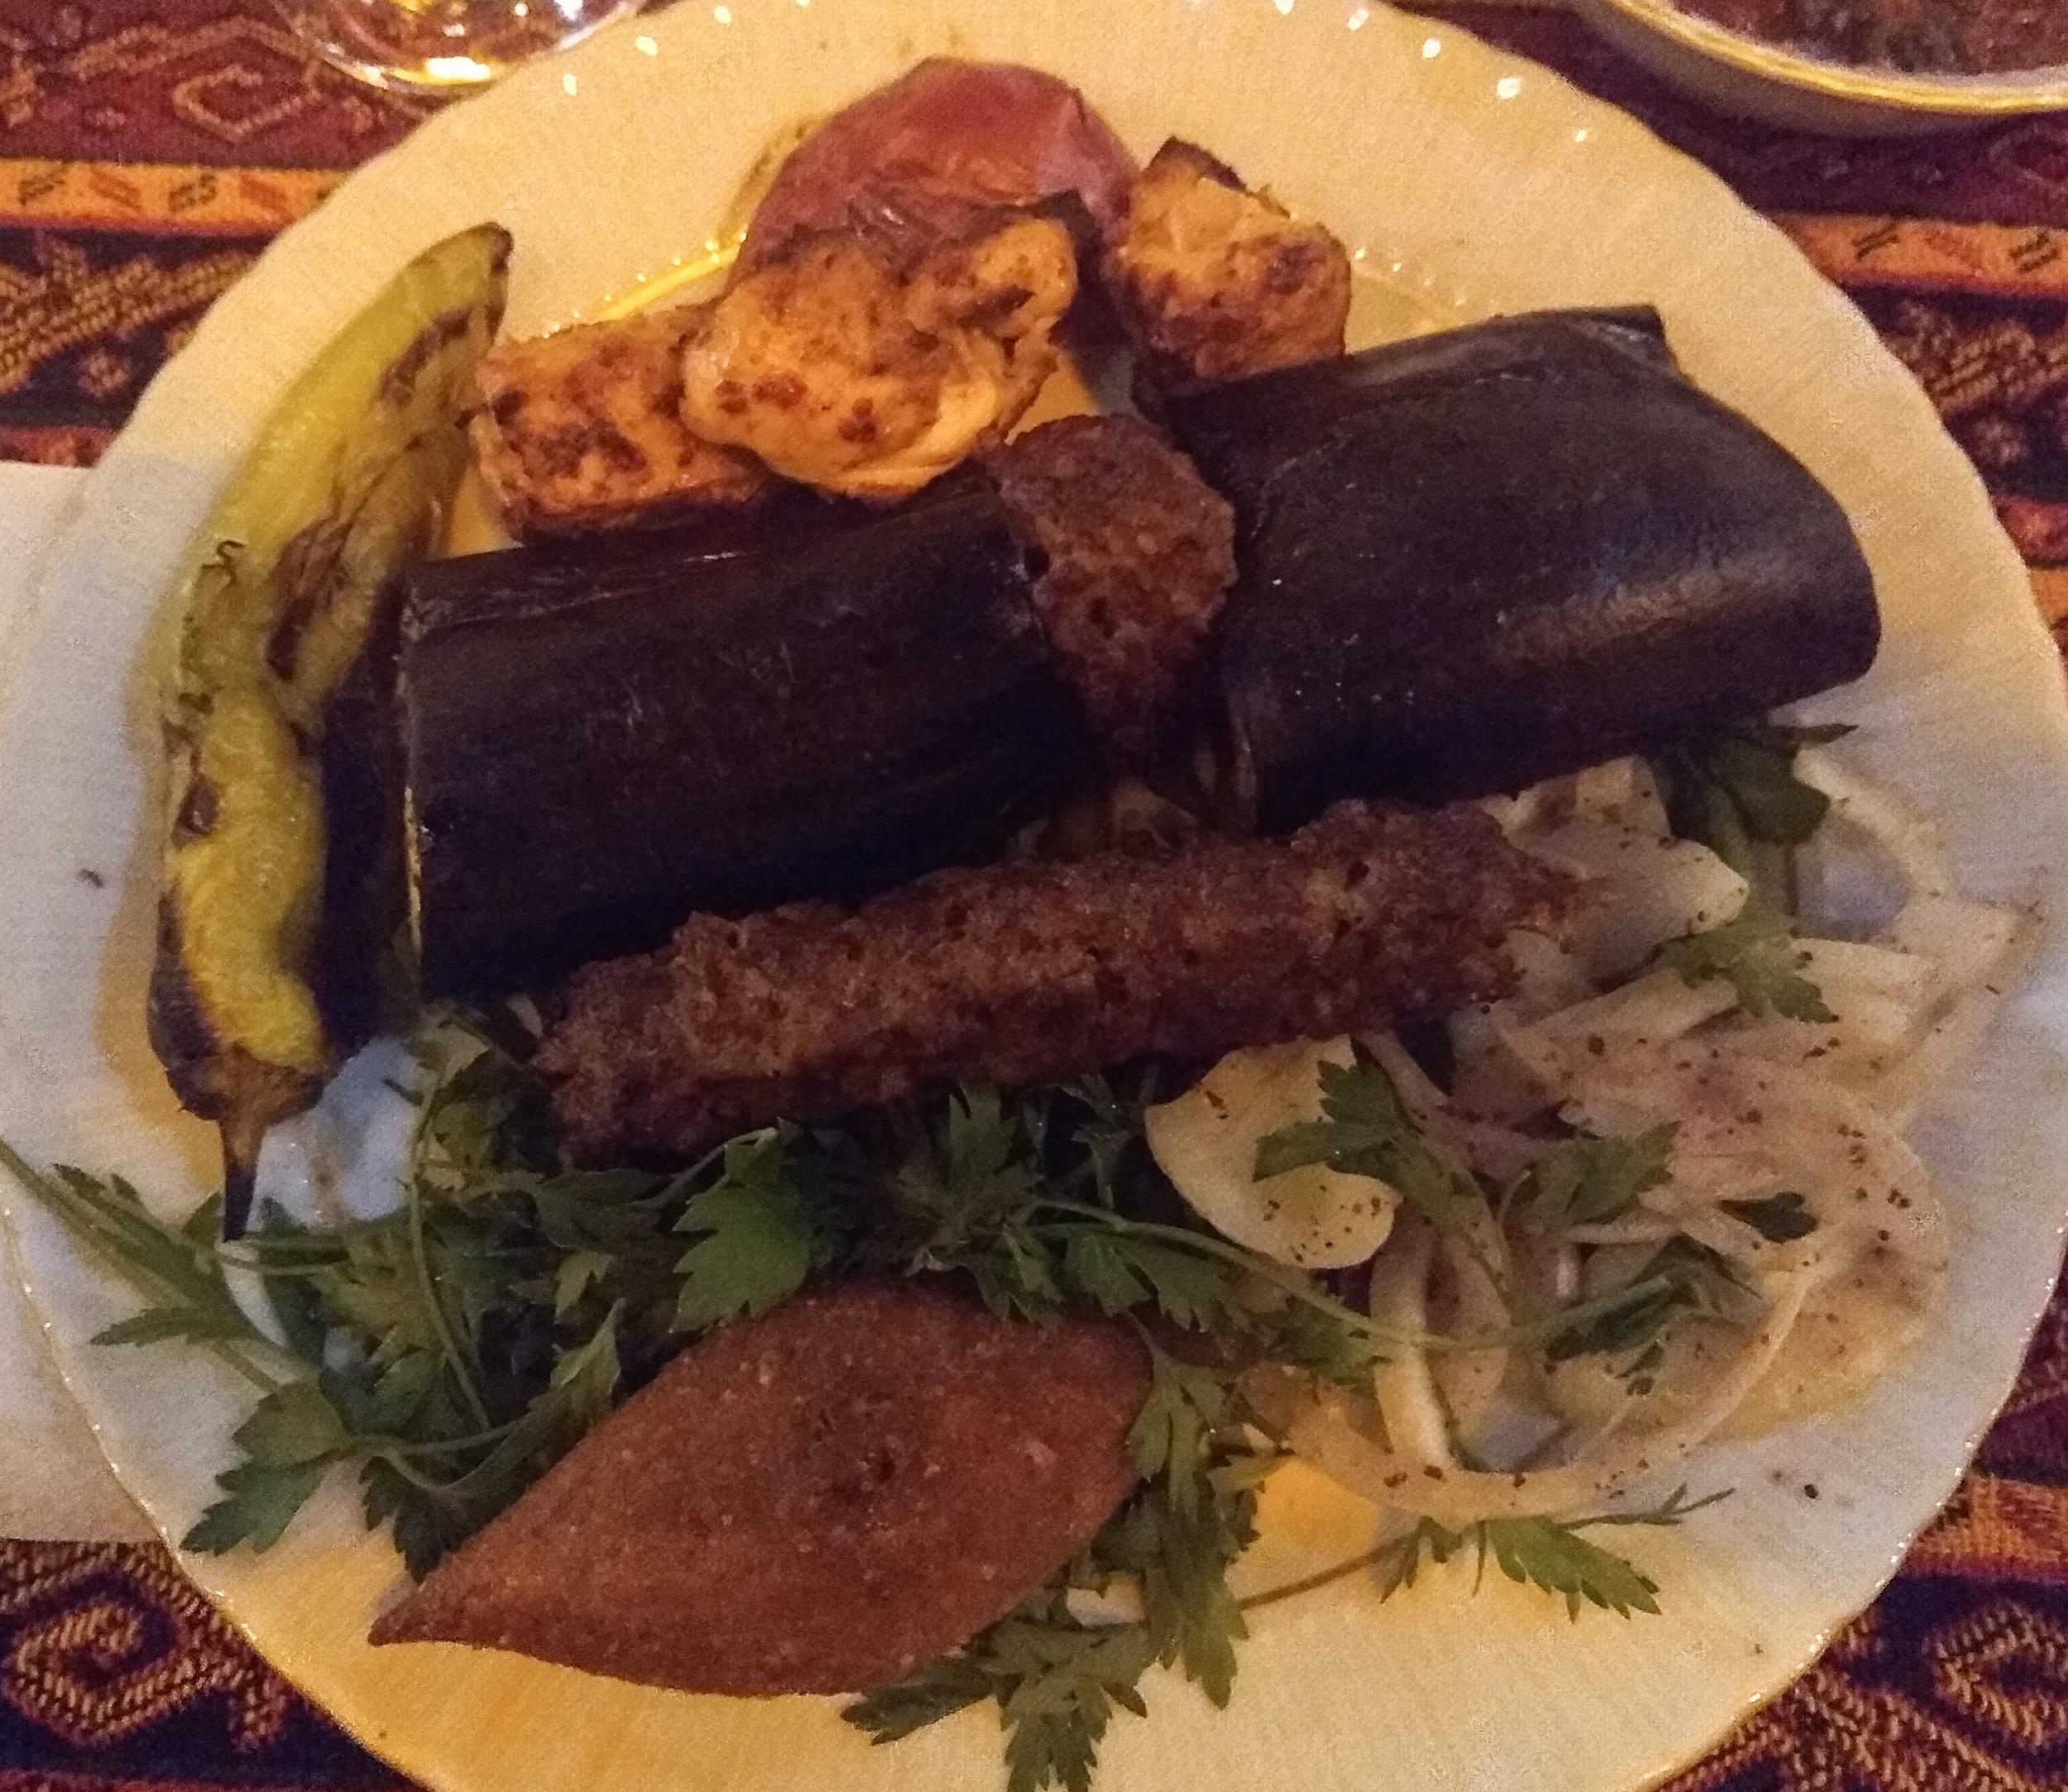 Sanliurfa Meal